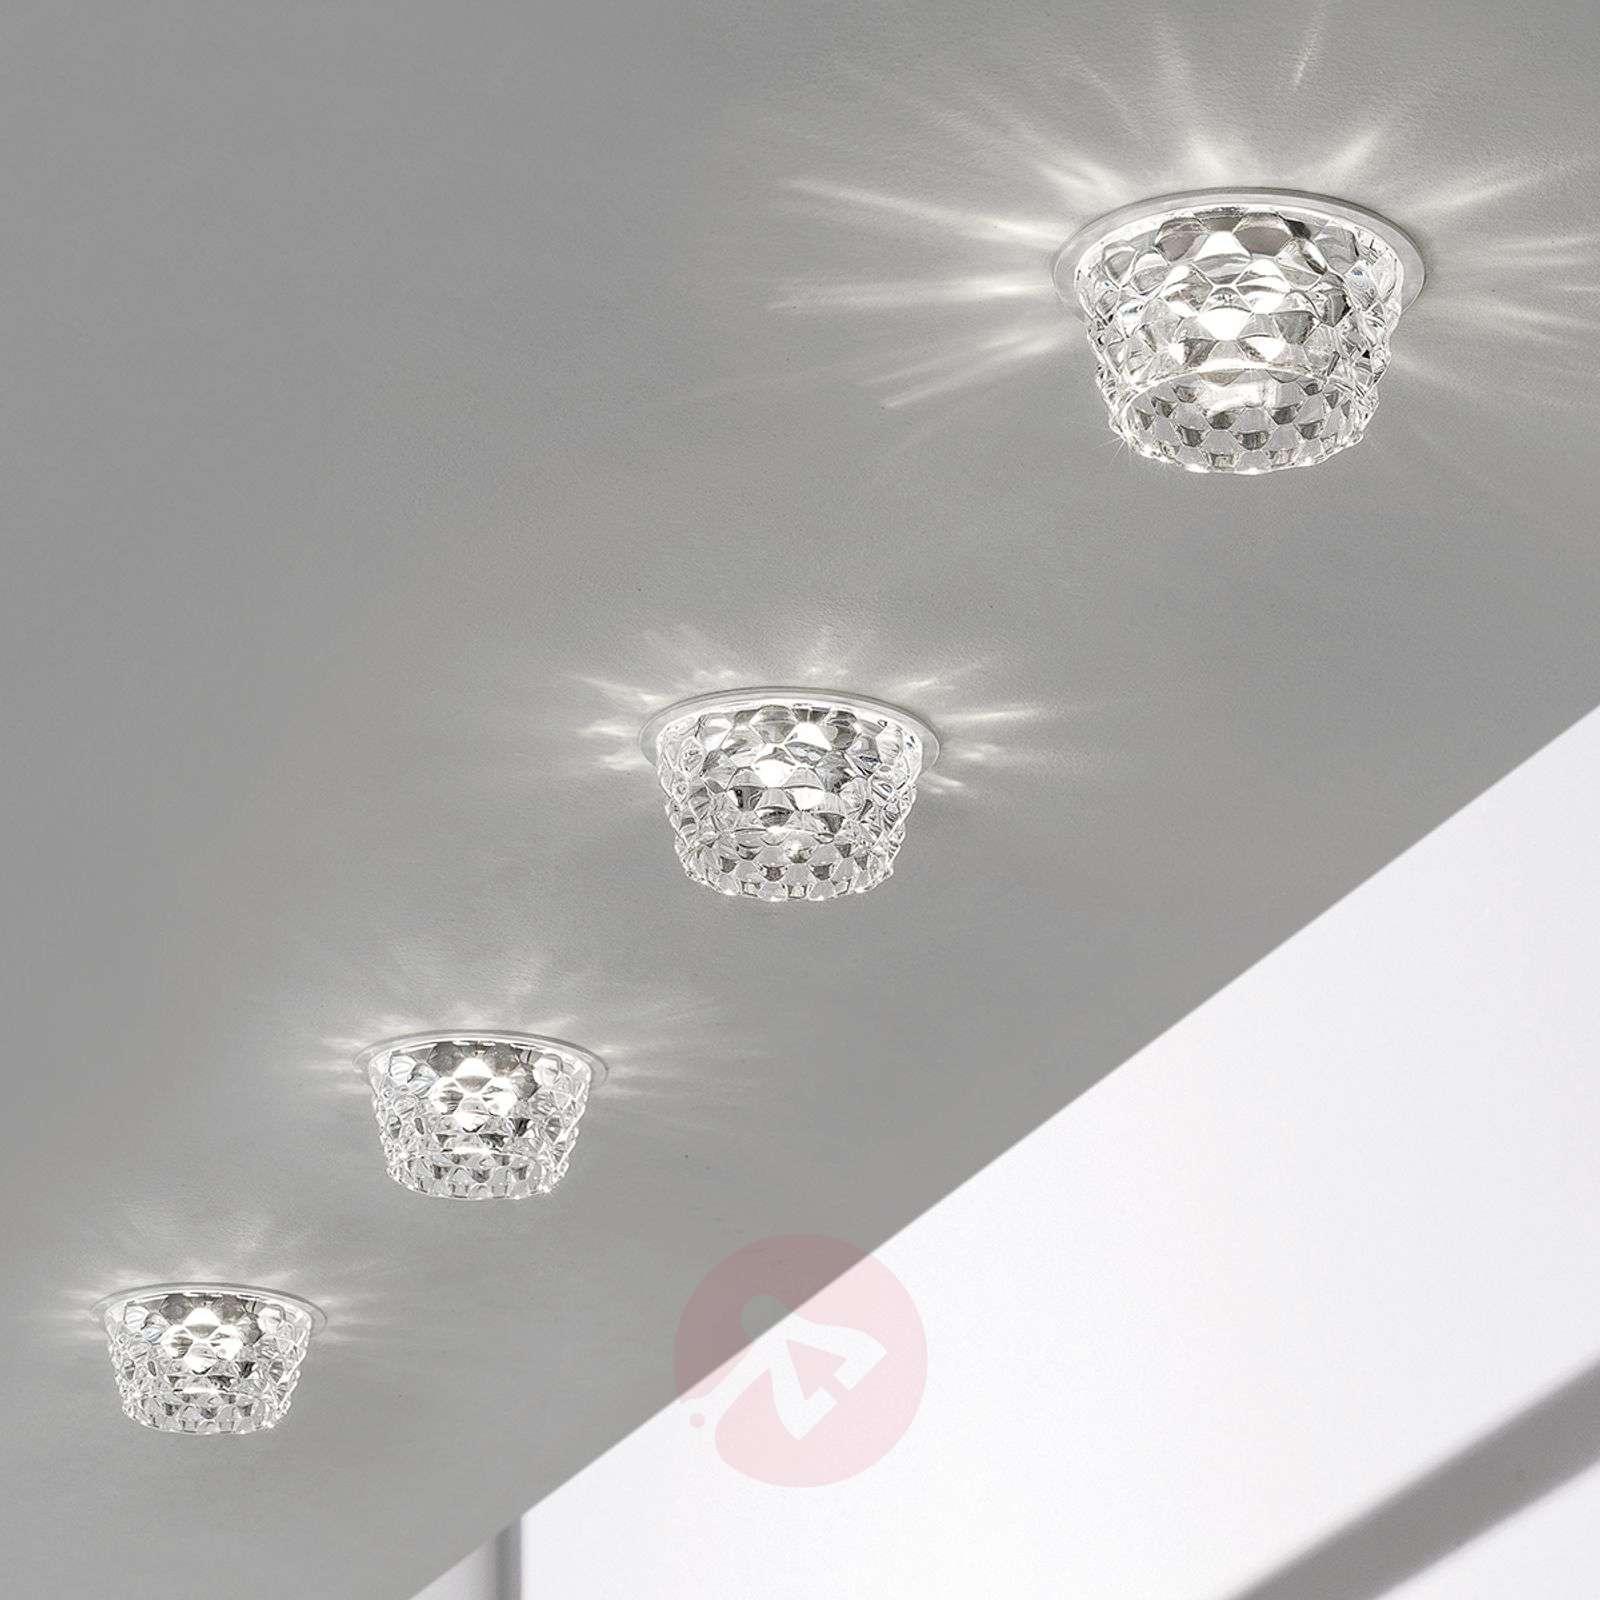 Lasinen Fedora-LED-upotettava kattovalaisin kirkas-1088114-01